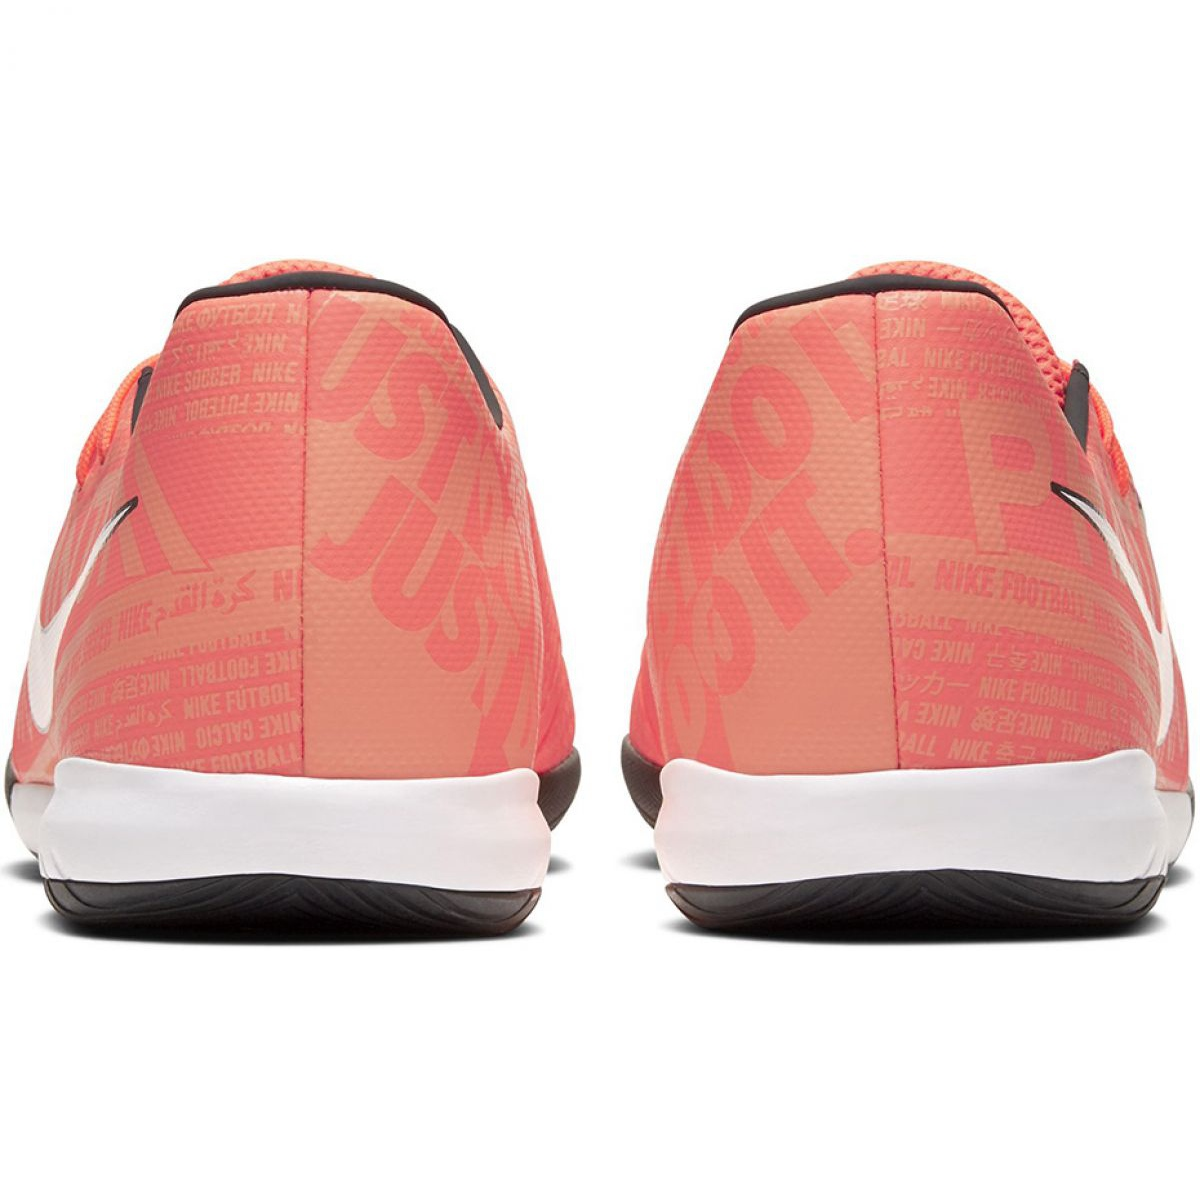 Tênis Nike Phantom Venom Academy Ic M AO0570 810 laranja